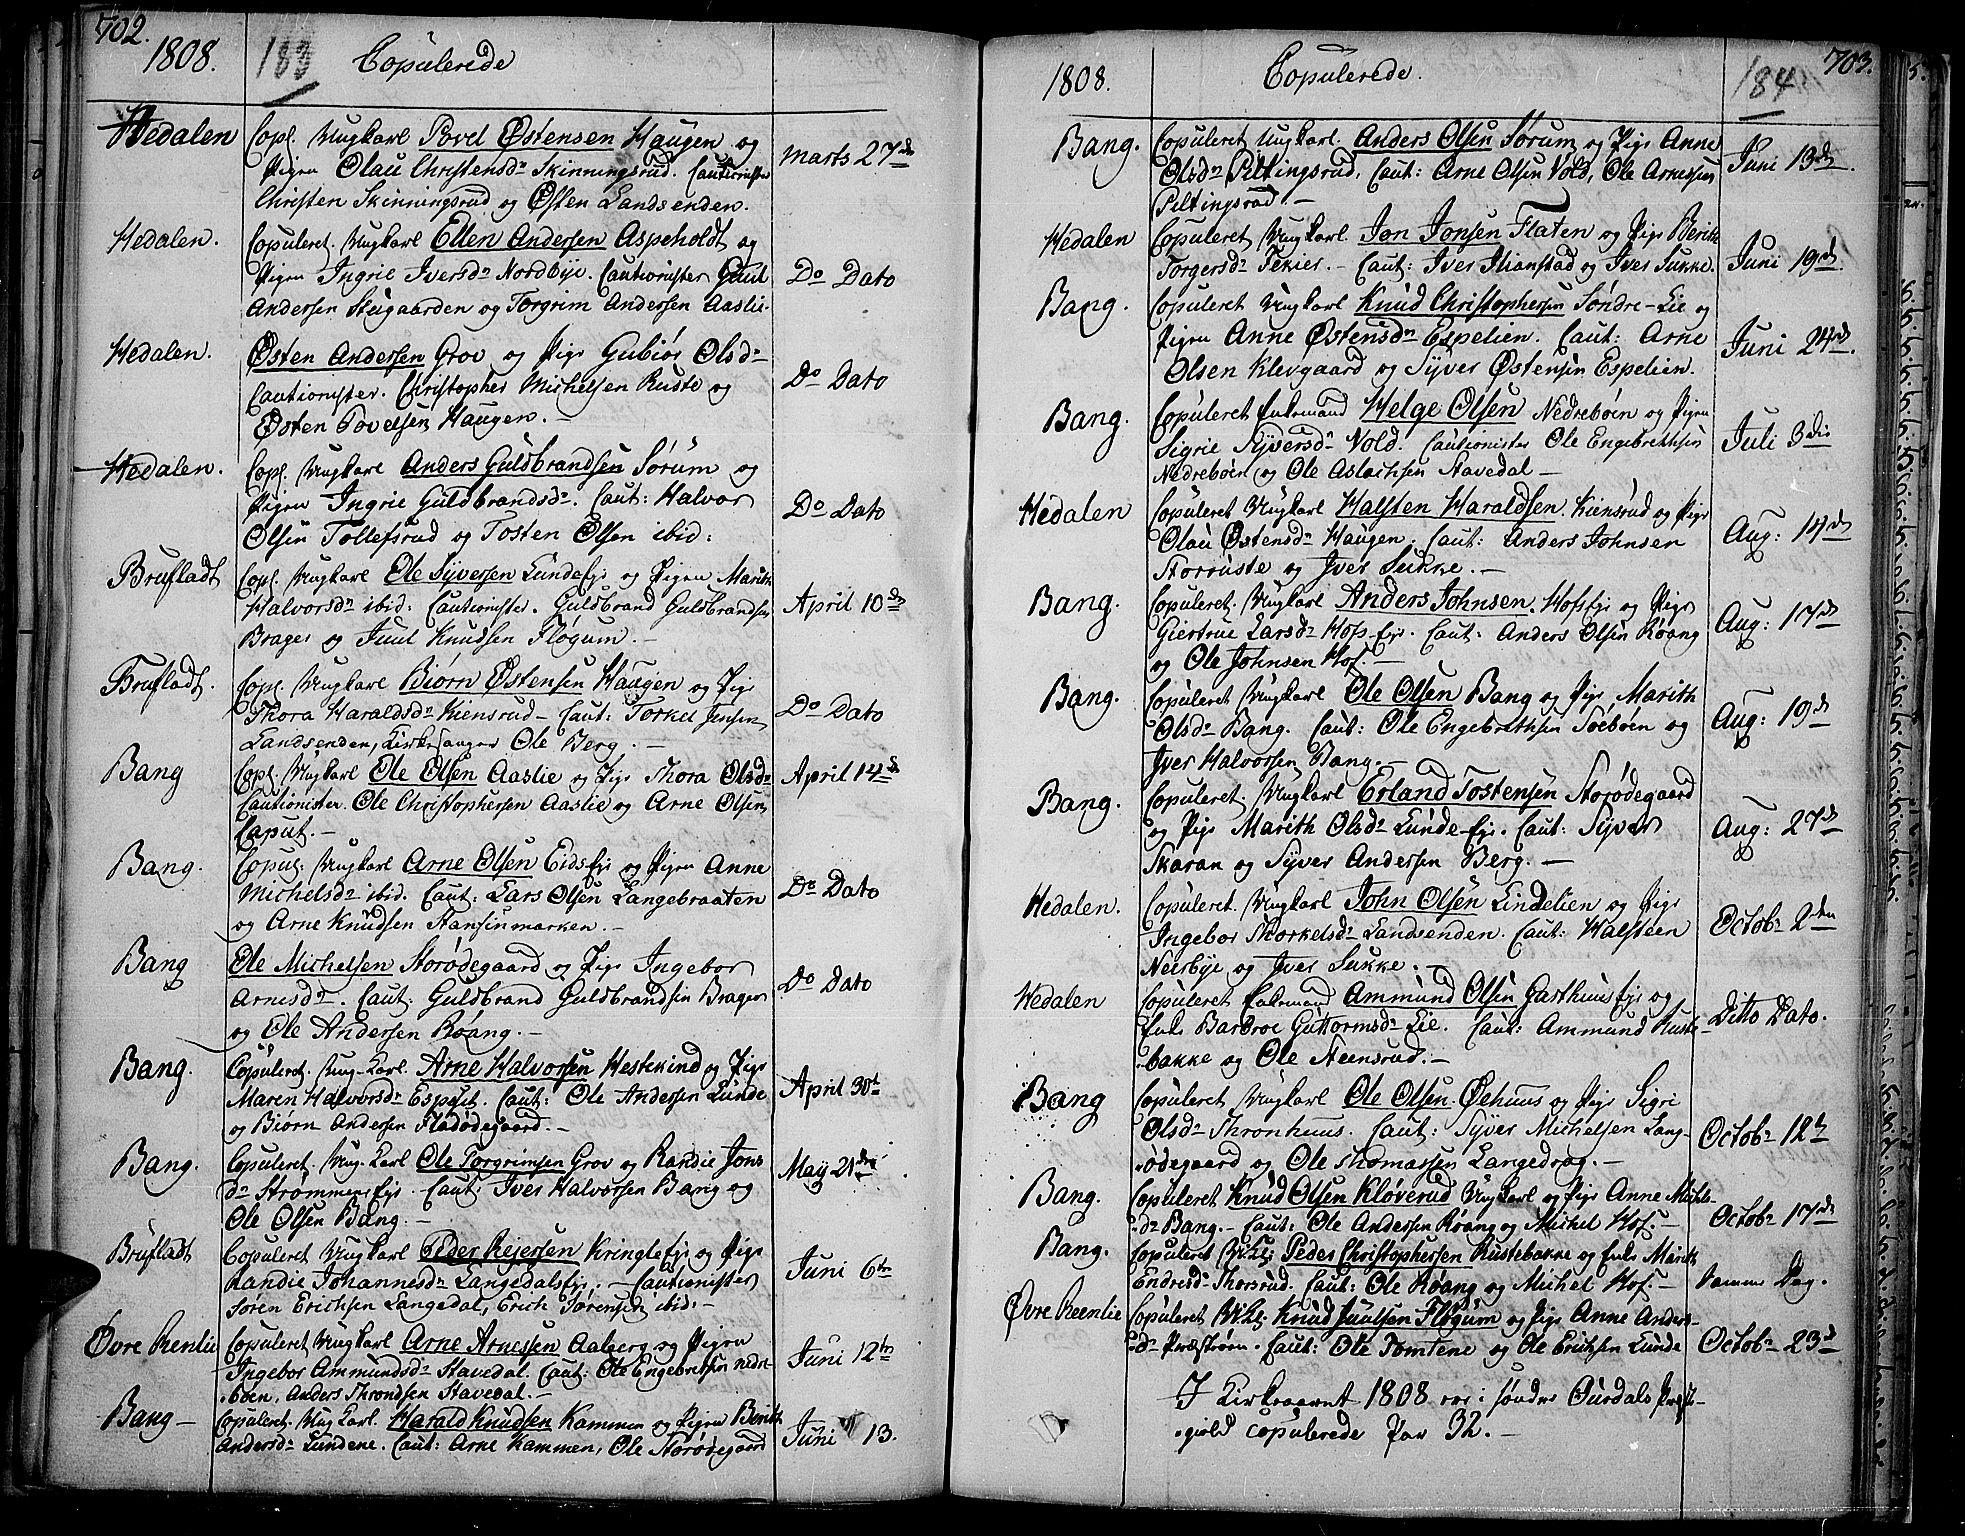 SAH, Sør-Aurdal prestekontor, Ministerialbok nr. 1, 1807-1815, s. 183-184